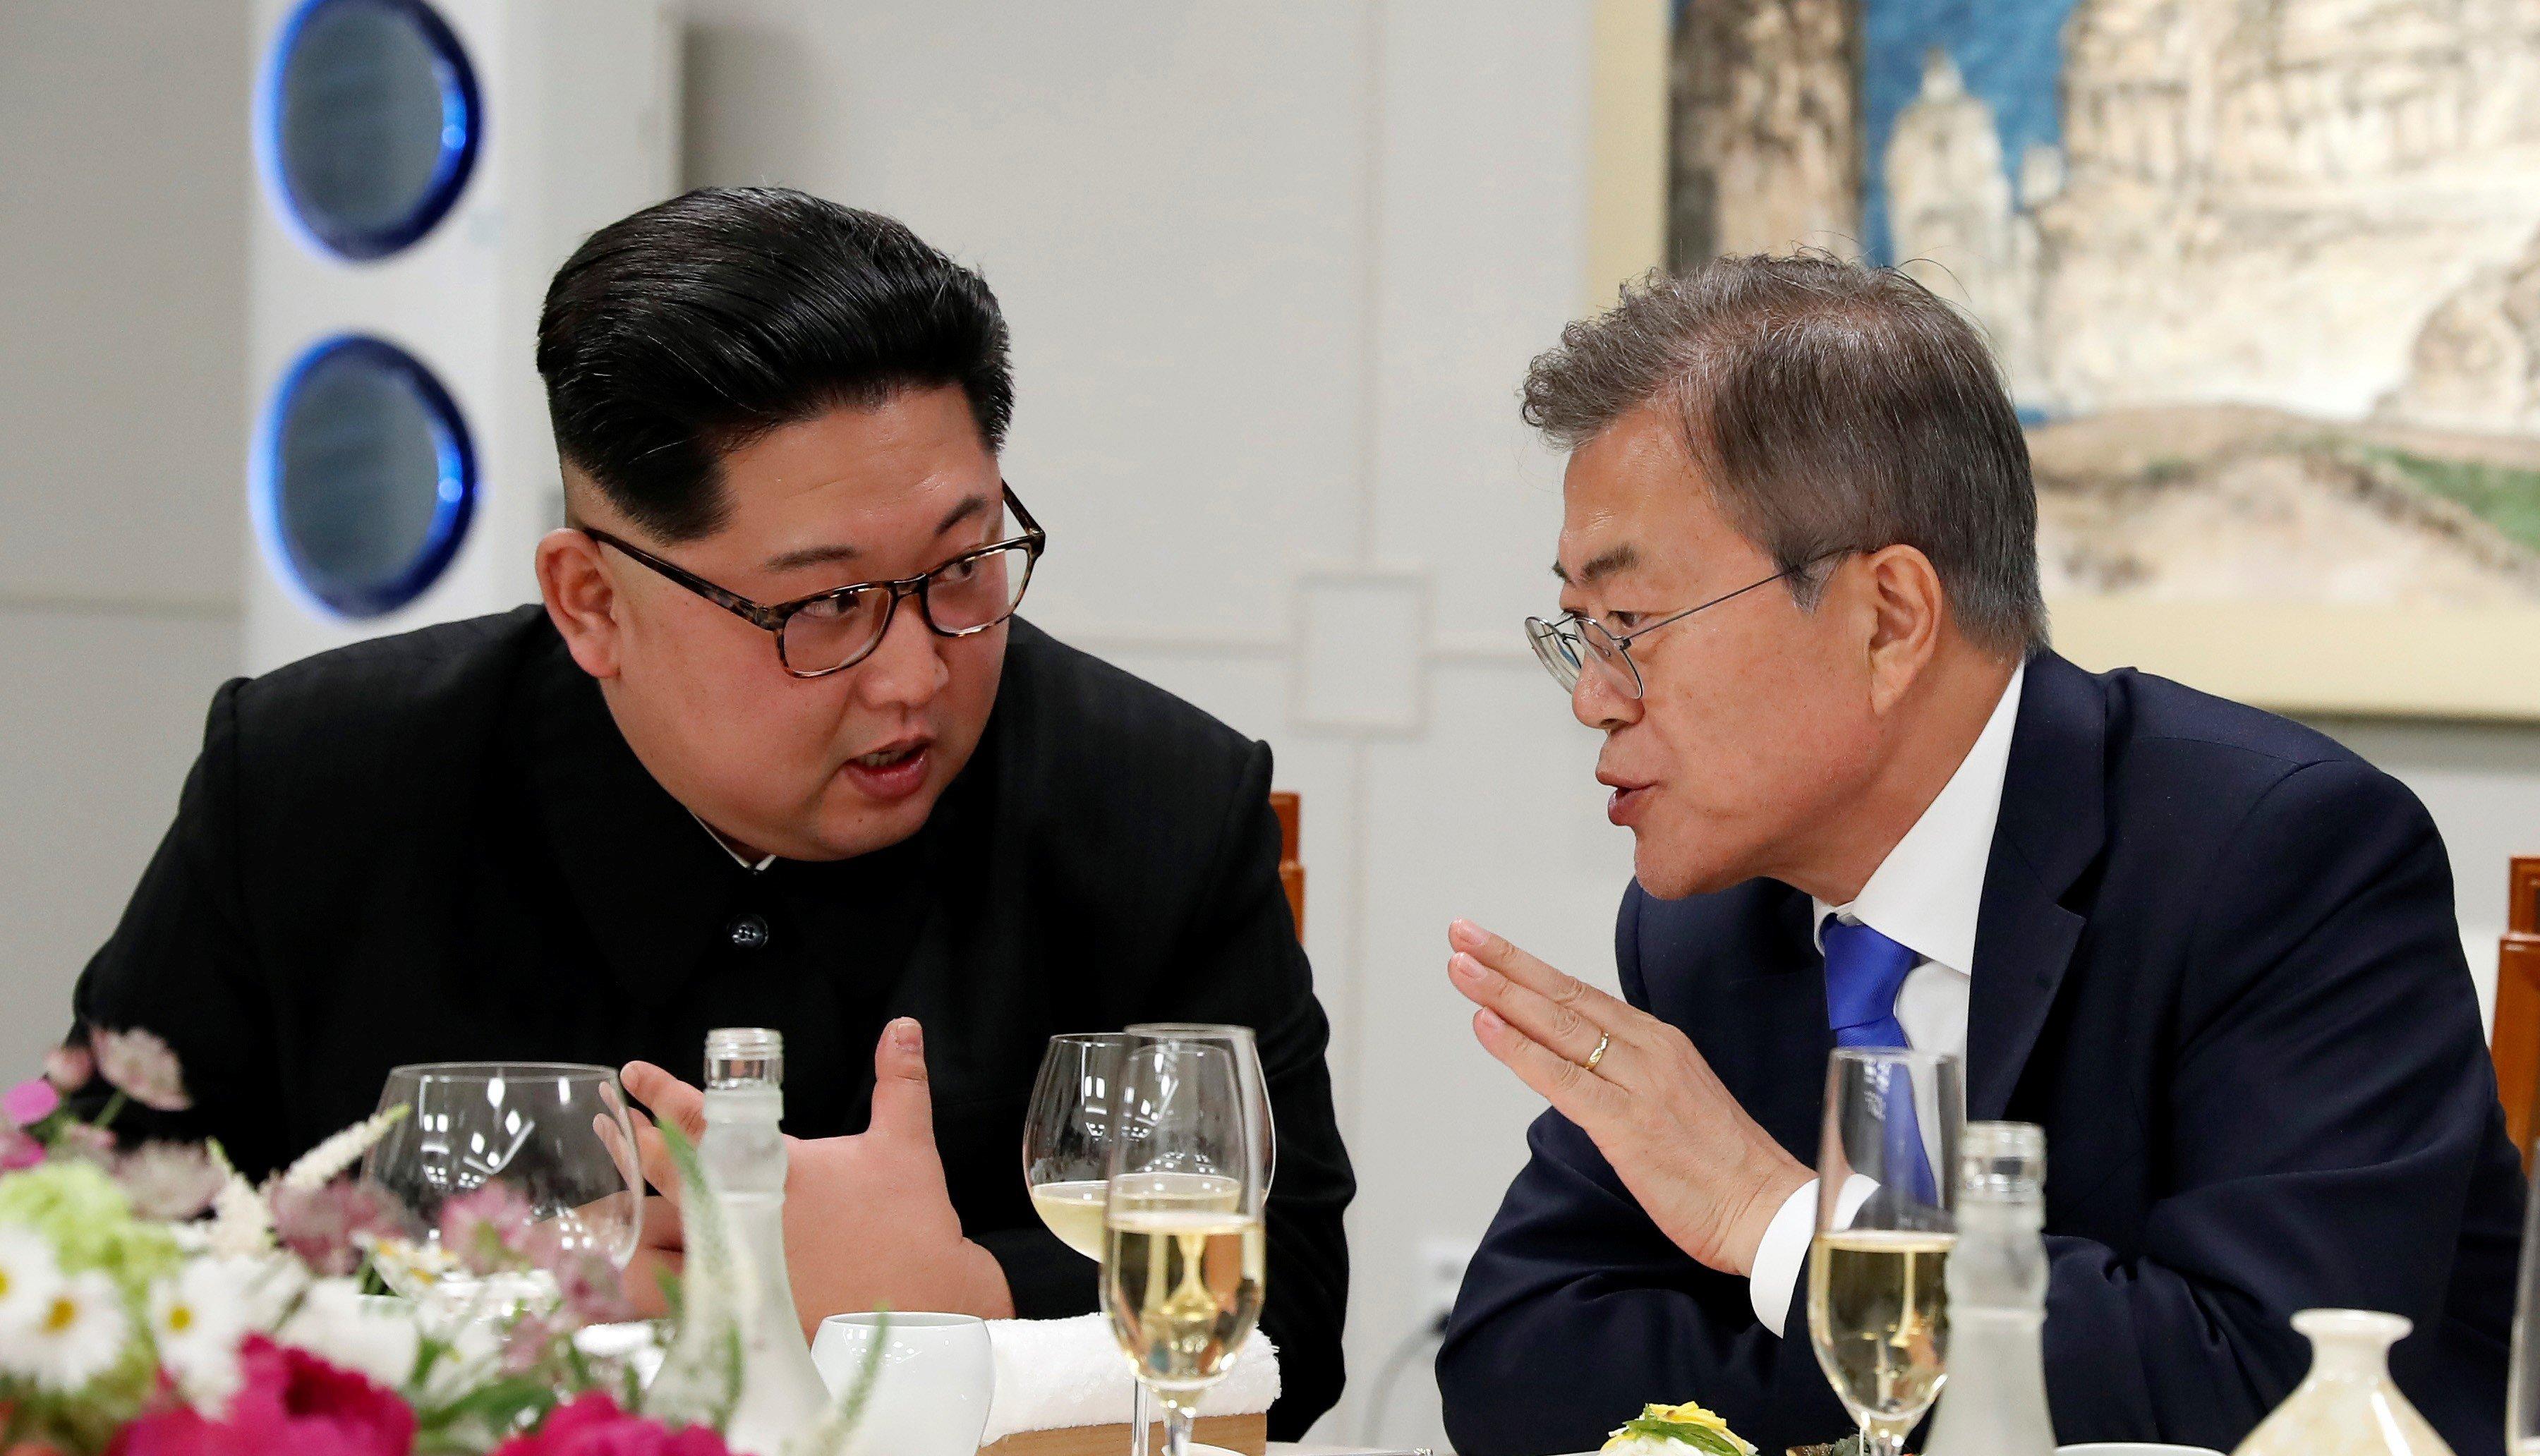 Bei historischem Gipfeltreffen: Südkoreaner wundern sich über Kim Jong-uns Akzent